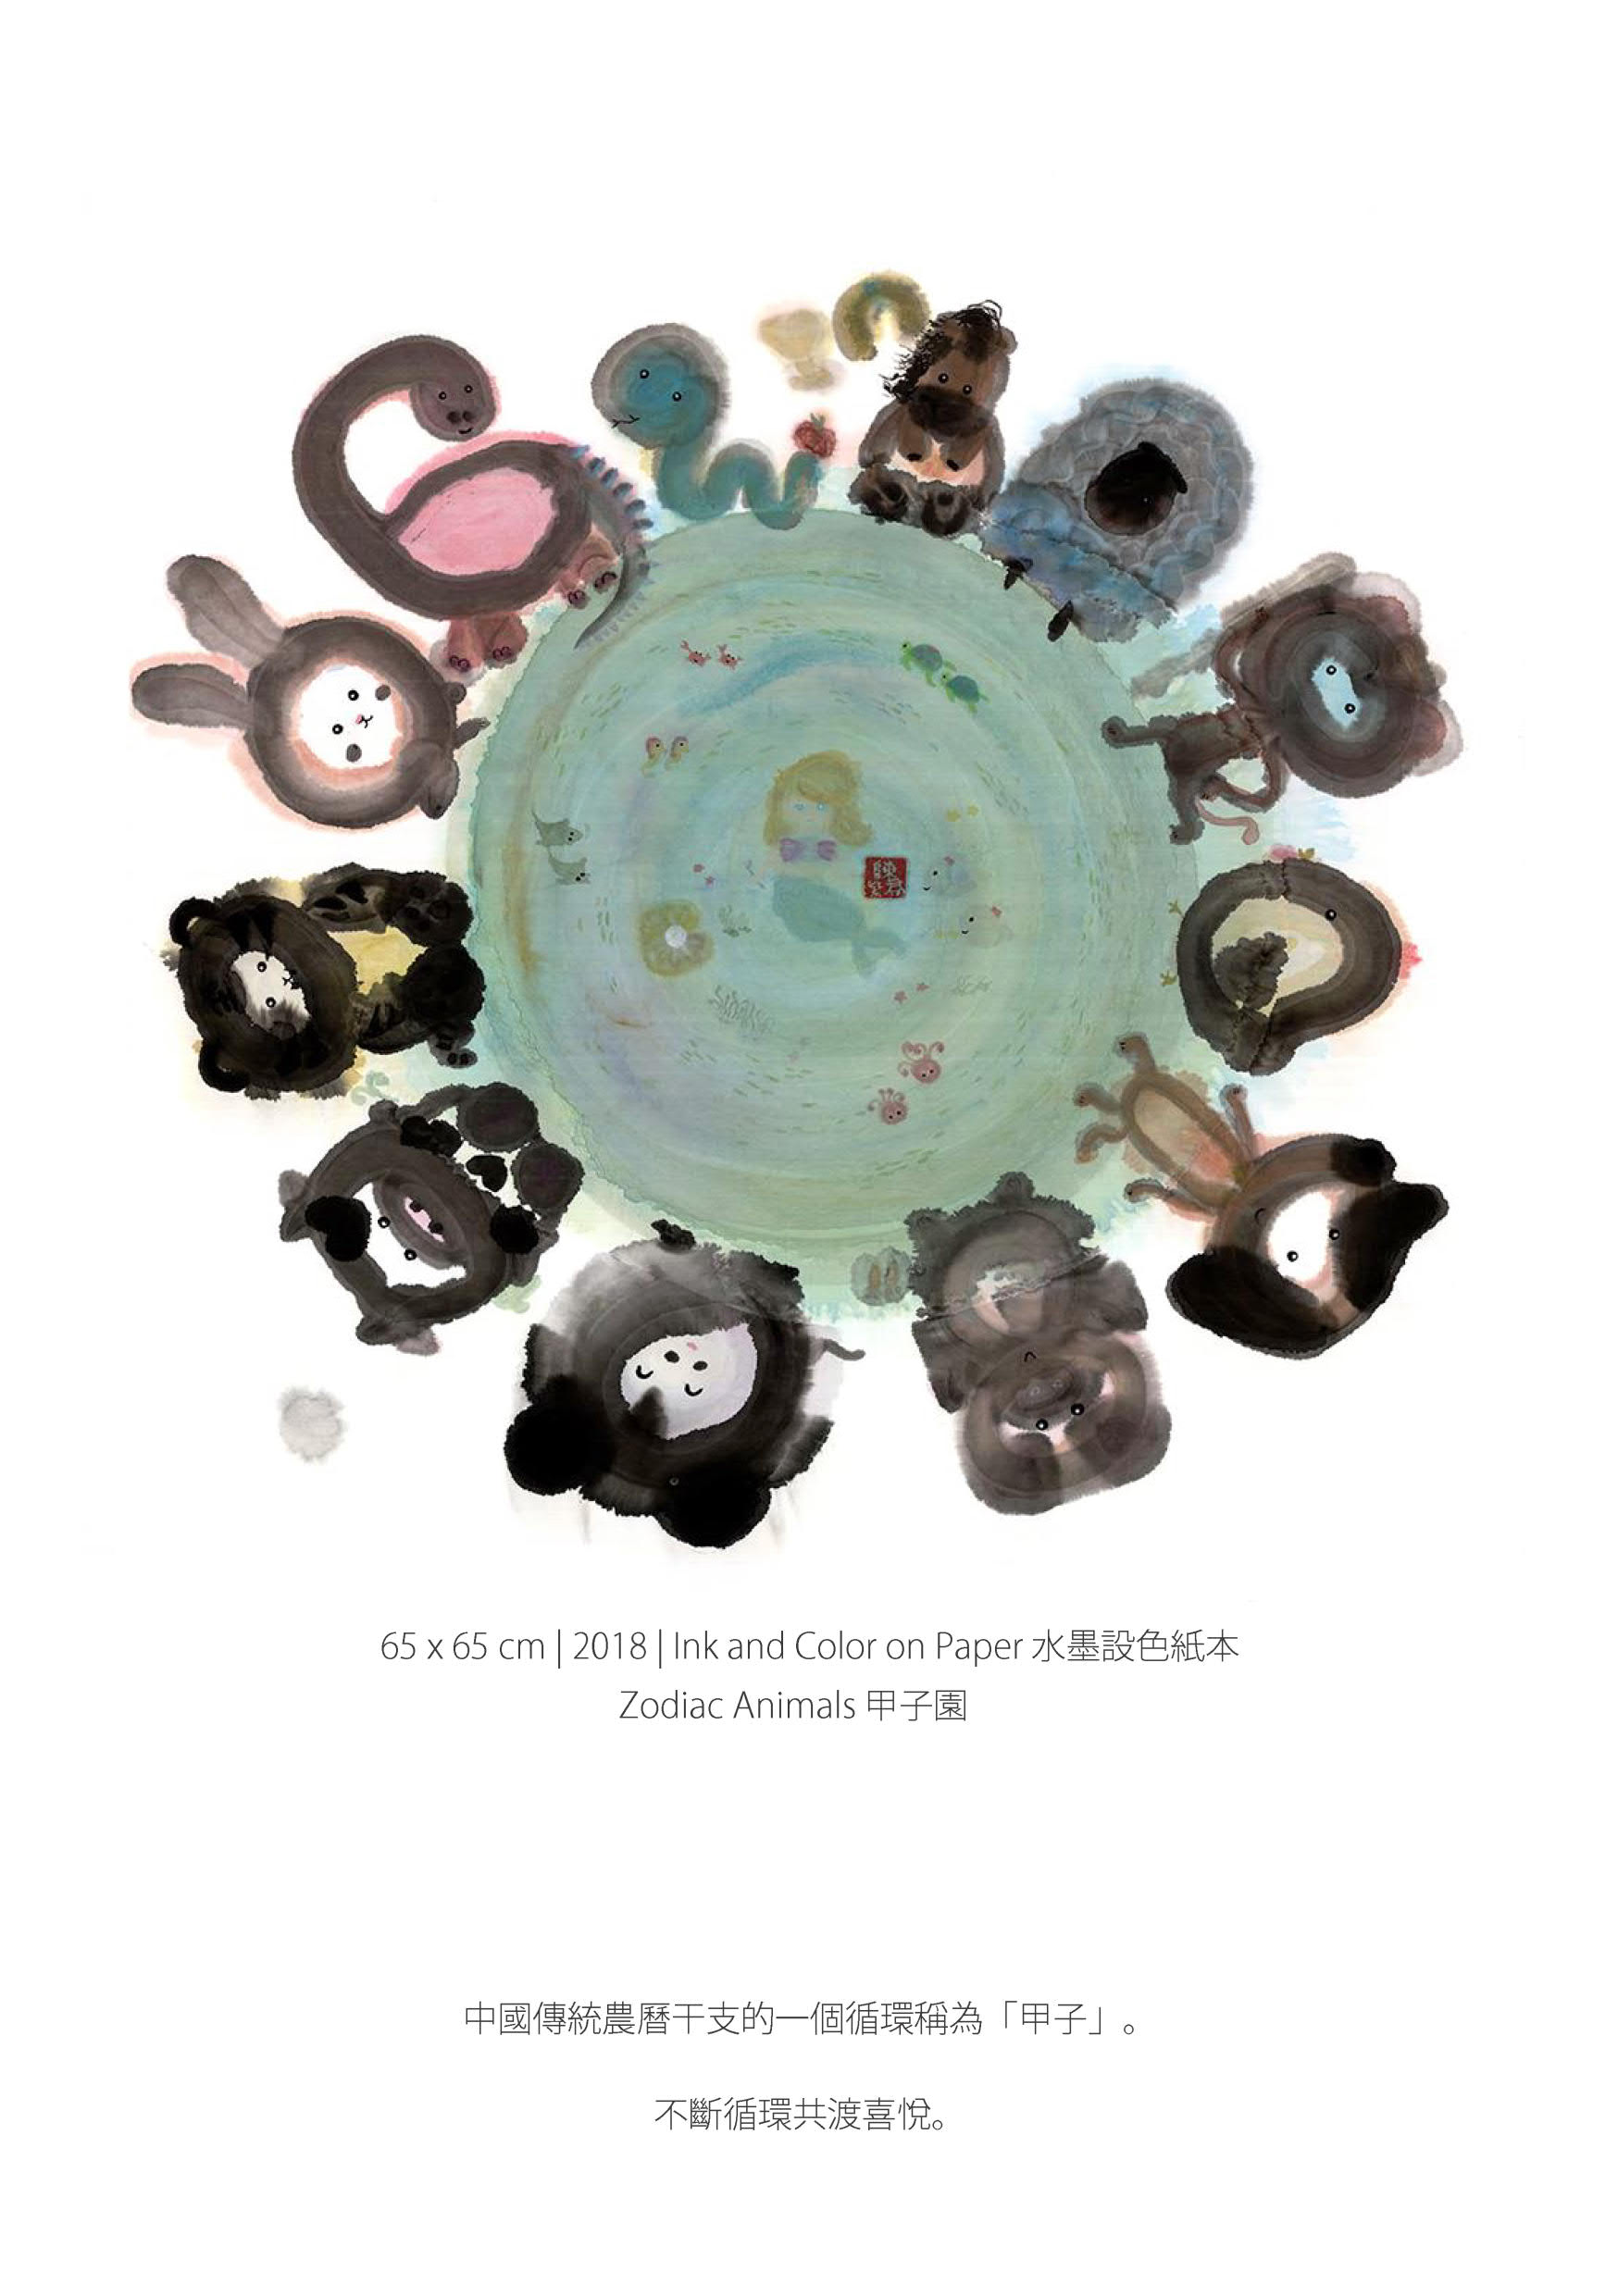 Zodiac Animals 甲子園